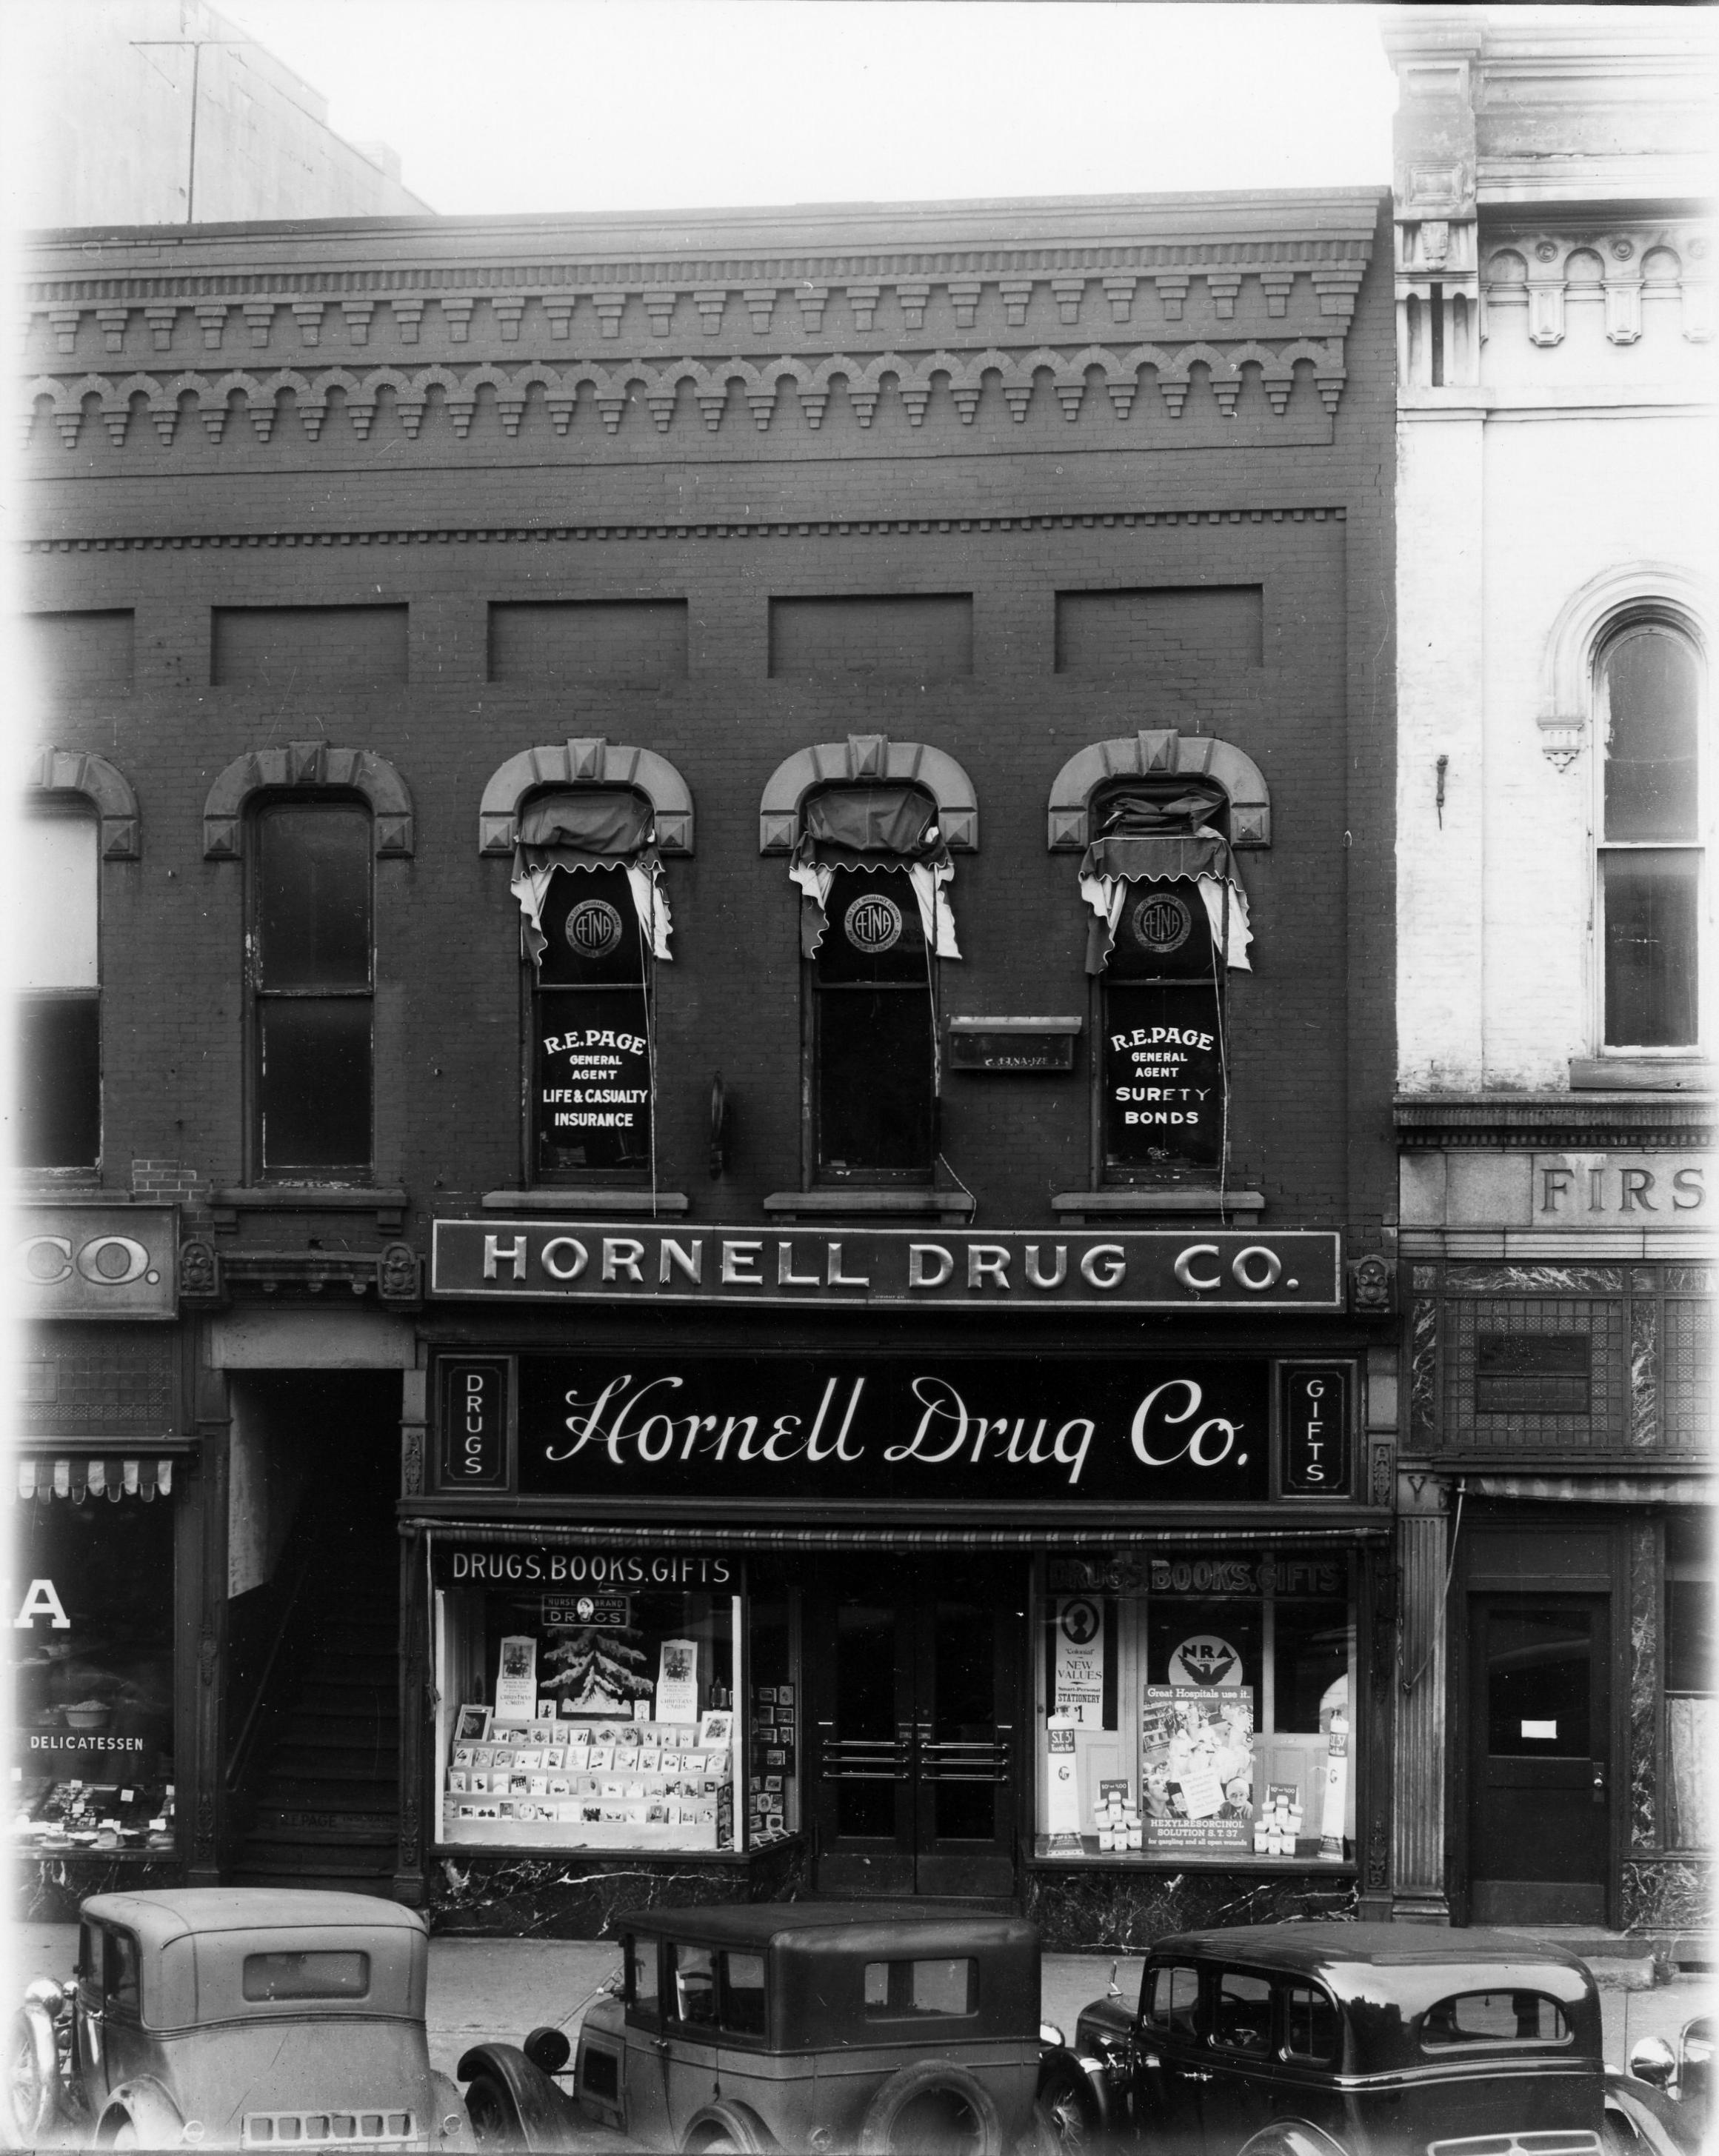 Hornell Drug Co. 124 Main St